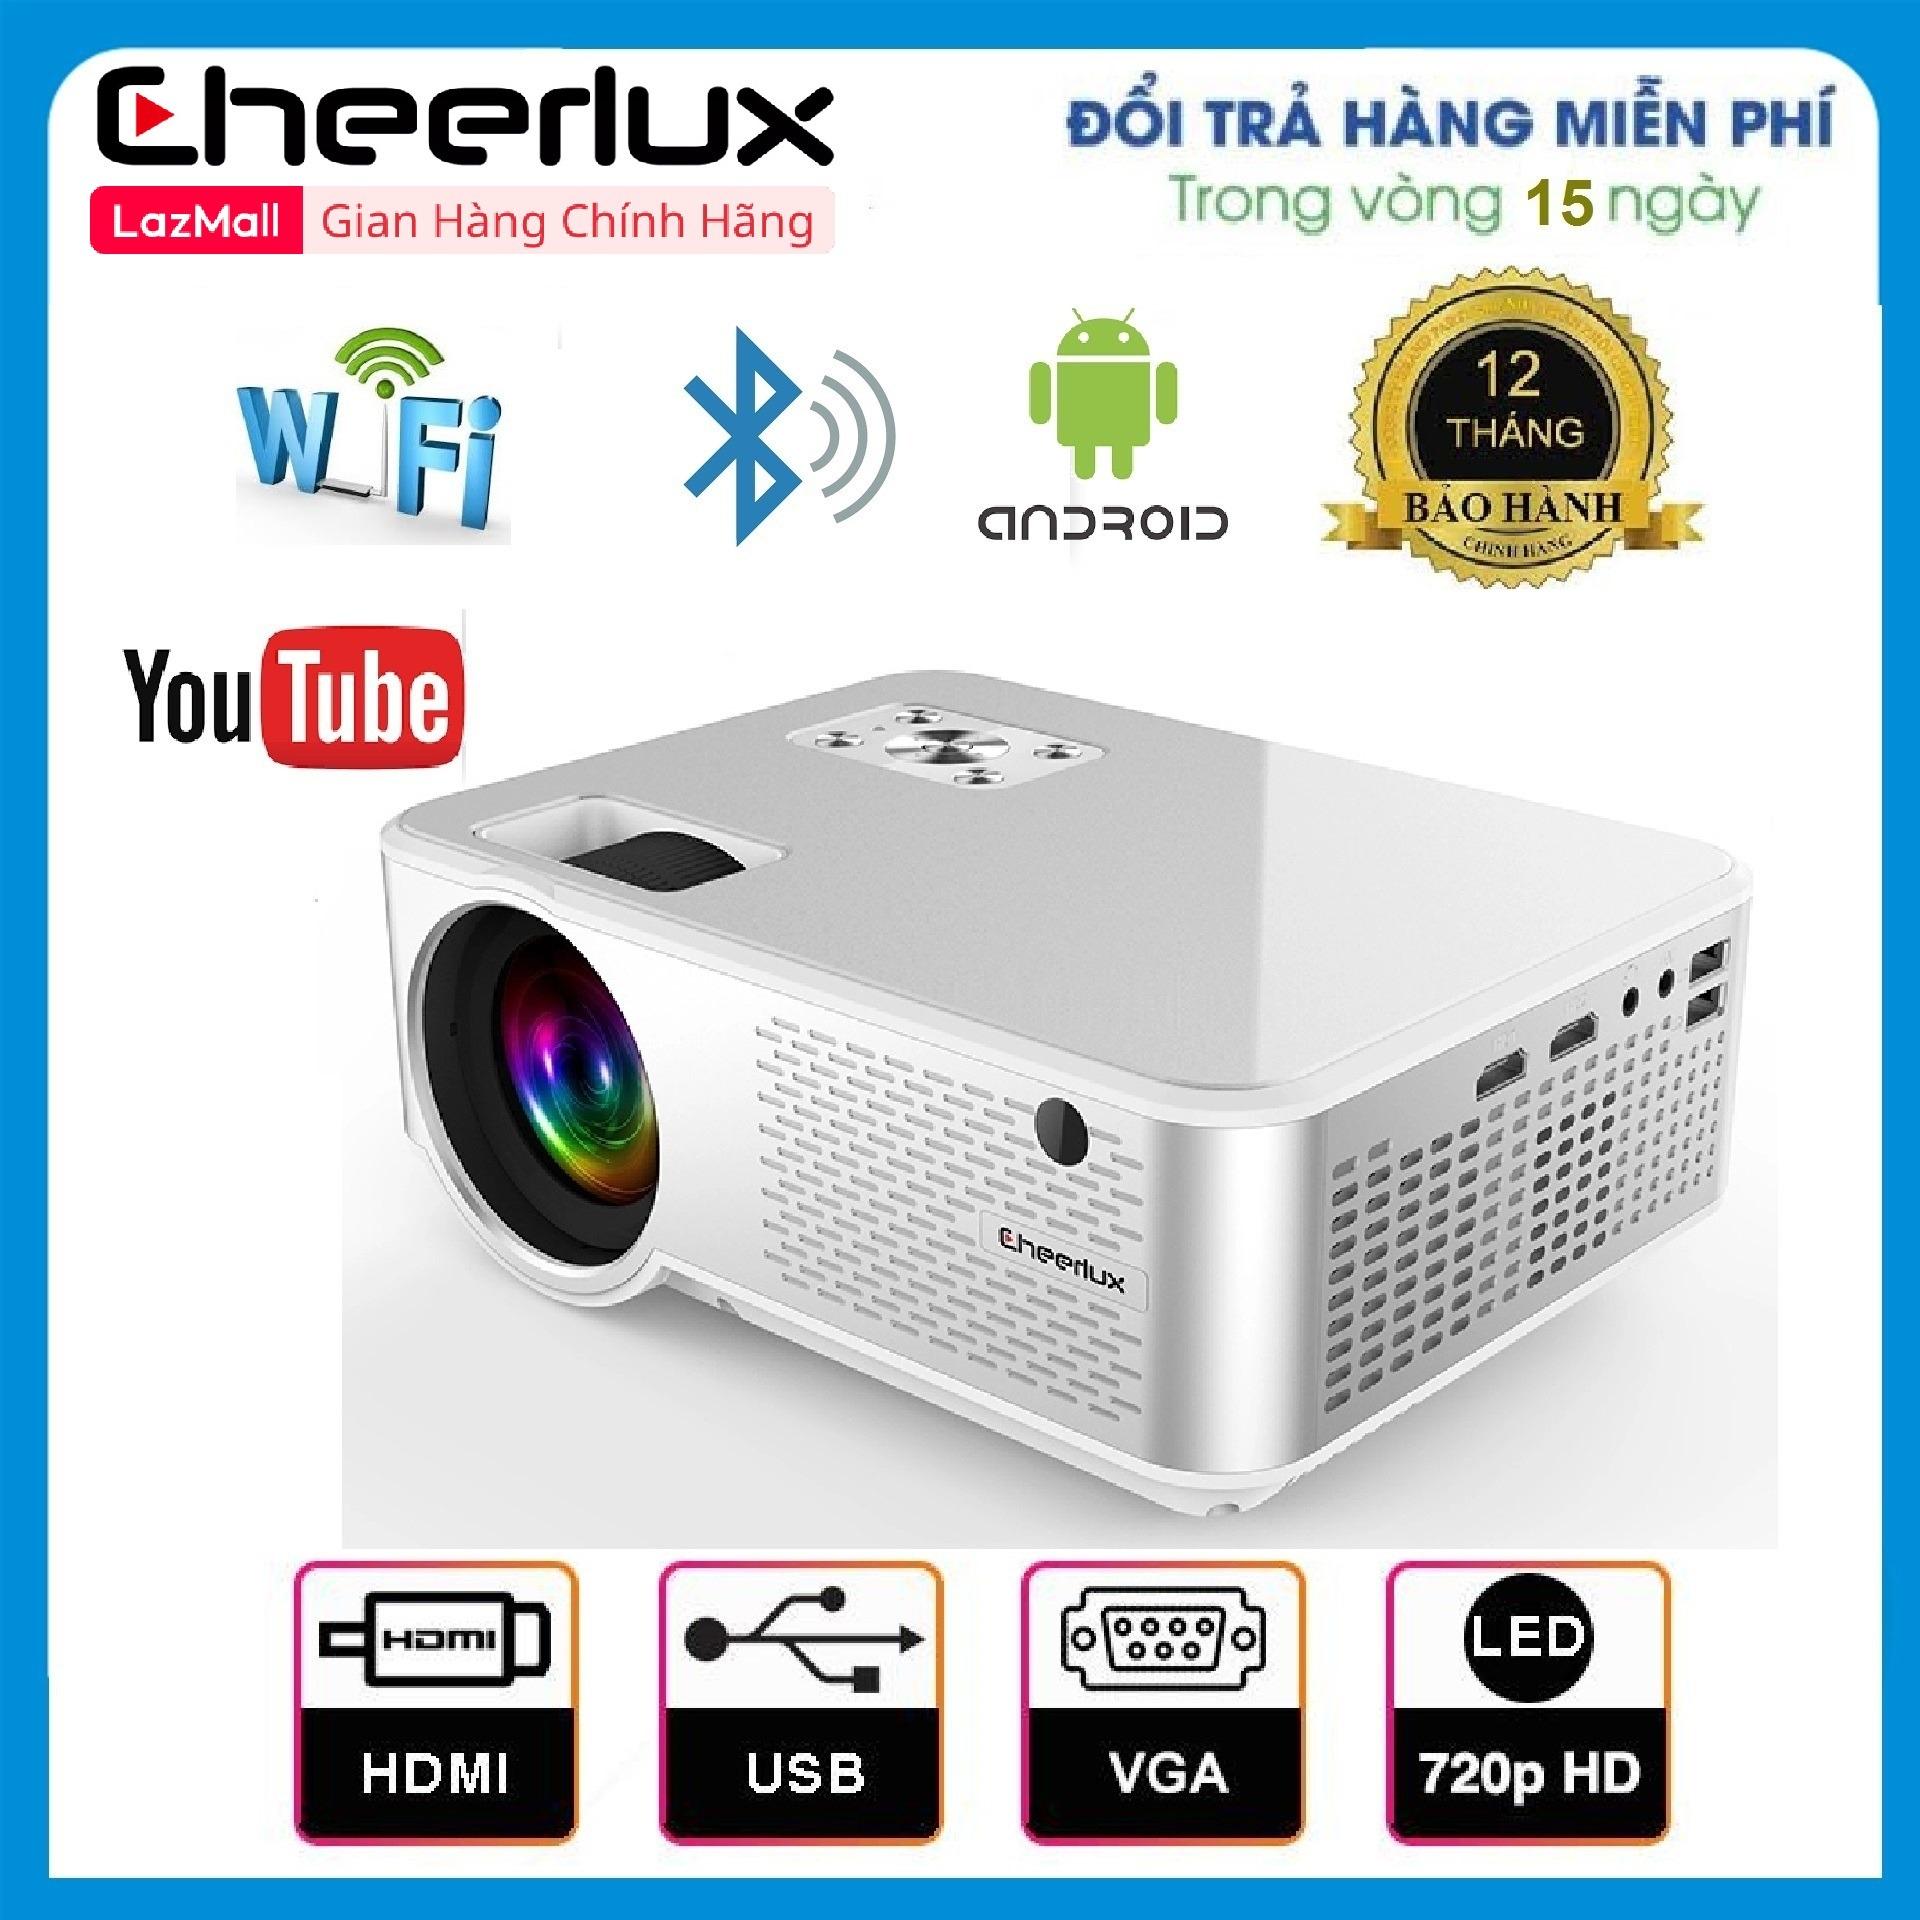 Giá Quá Tốt Để Có Máy Chiếu Mini Cheerlux C9 HD 1280x720, HĐH Android Tivi Box 6.0, Kết Nối WIFI, Loa Bluetooth, độ Sáng 2800 Lumens, Thay Thế Tivi Giá Rẻ 100 Inch Cực Nét.